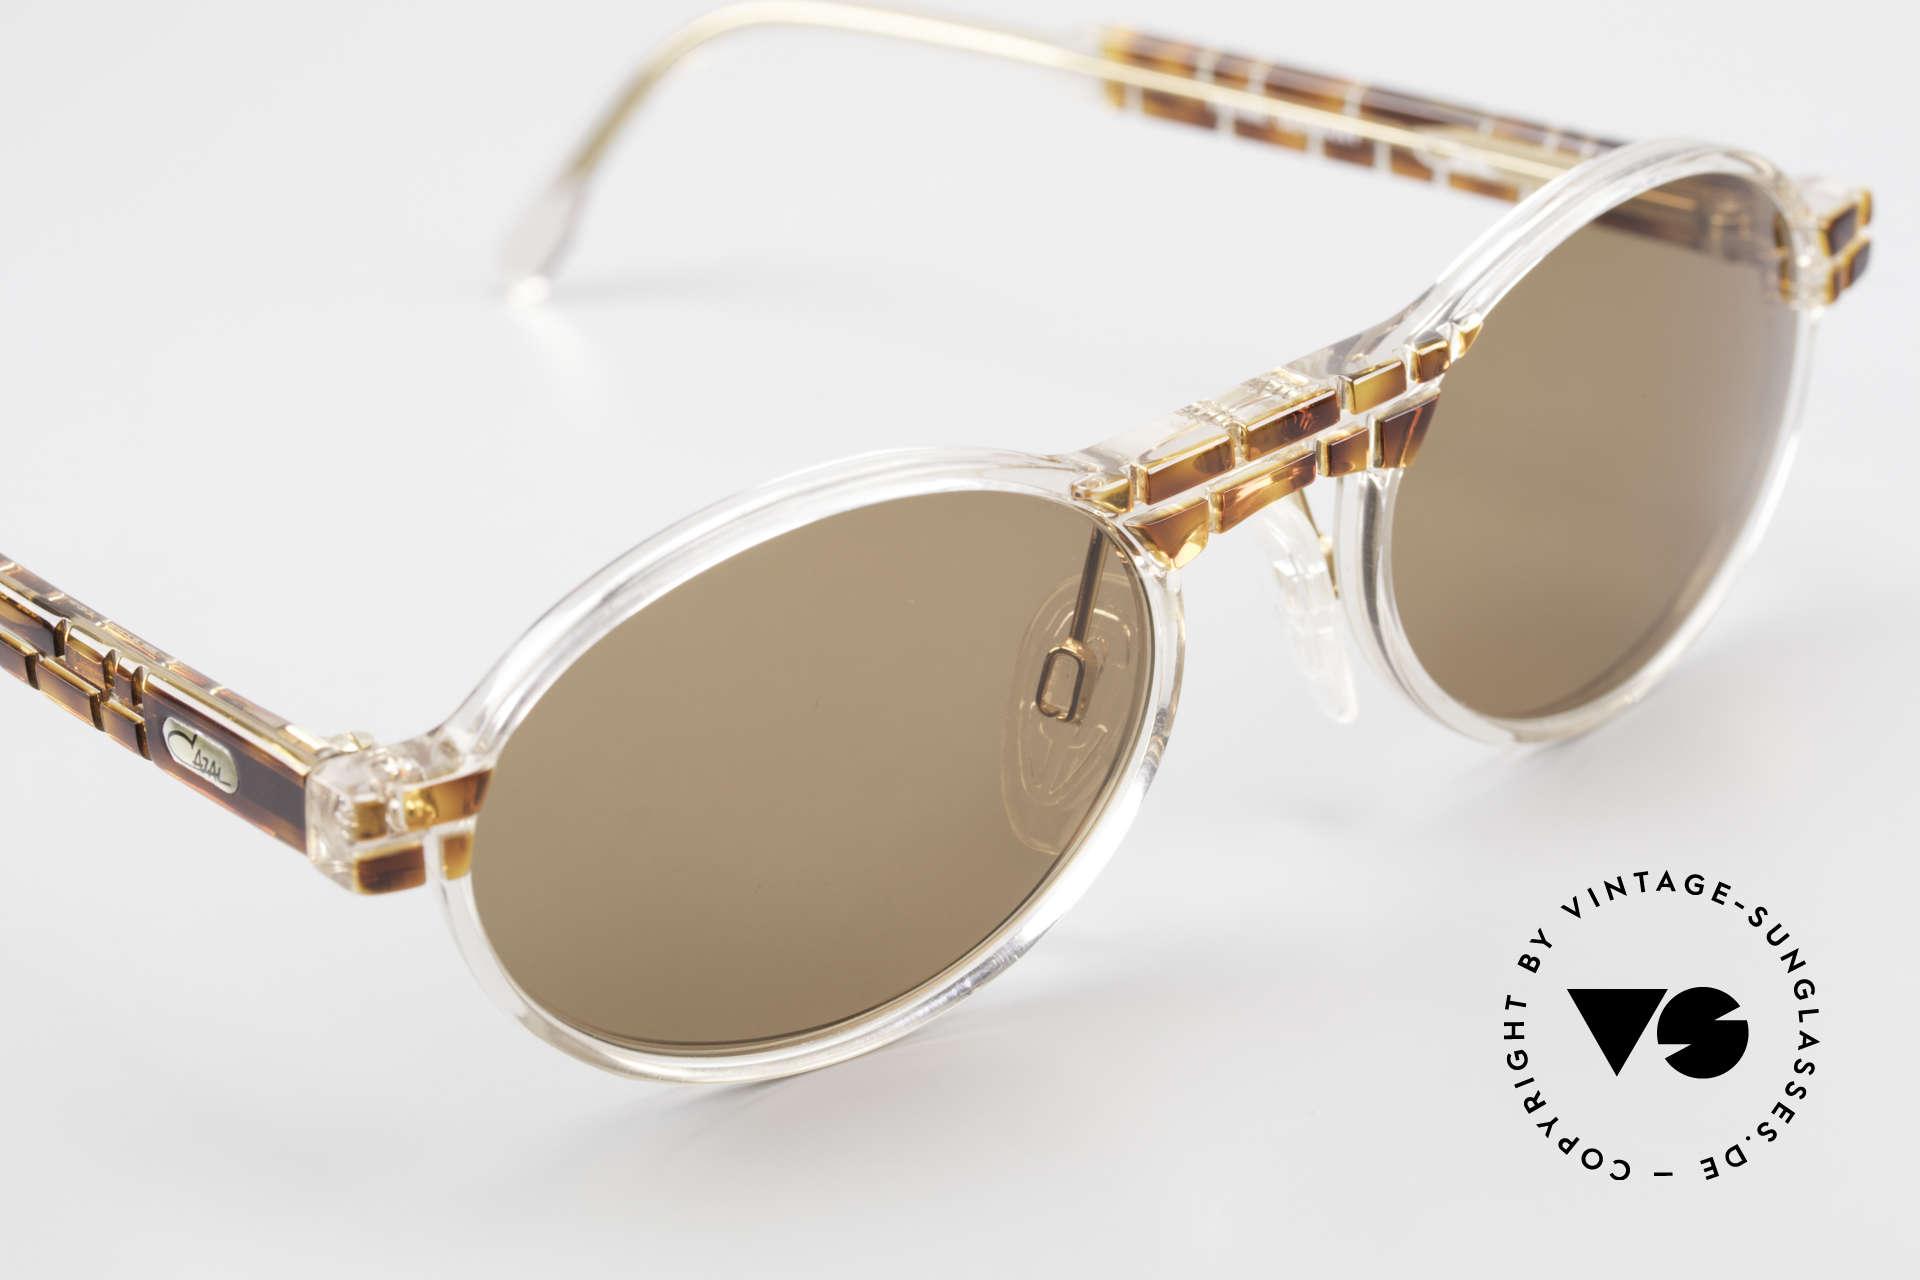 Cazal 510 Limitierte Ovale Vintage Cazal, ungetragen (wie alle unsere vintage CAZAL Brillen), Passend für Herren und Damen